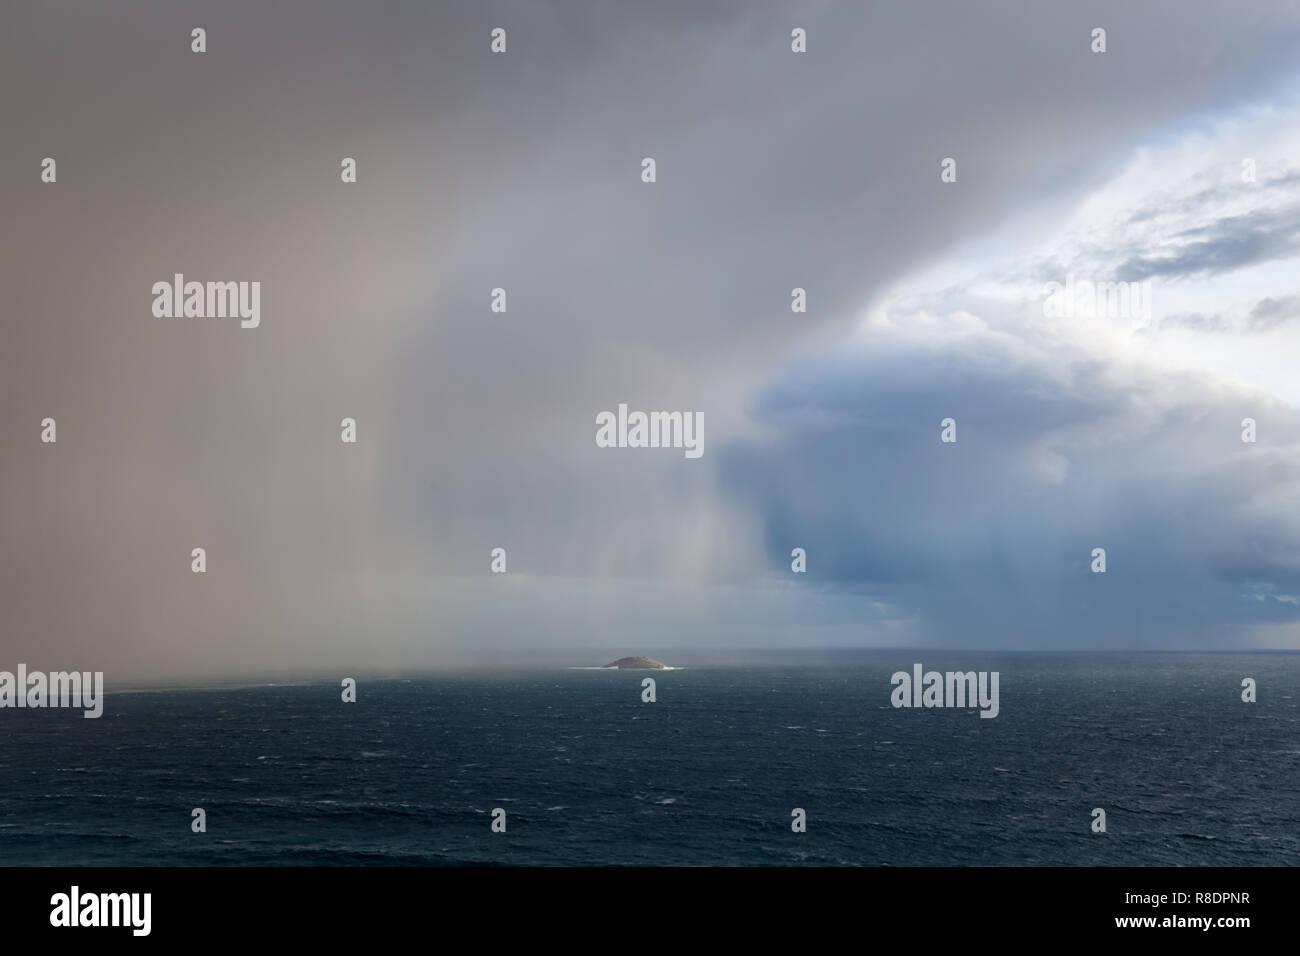 Nuvole temporalesche oltre oceano meridionale Immagini Stock